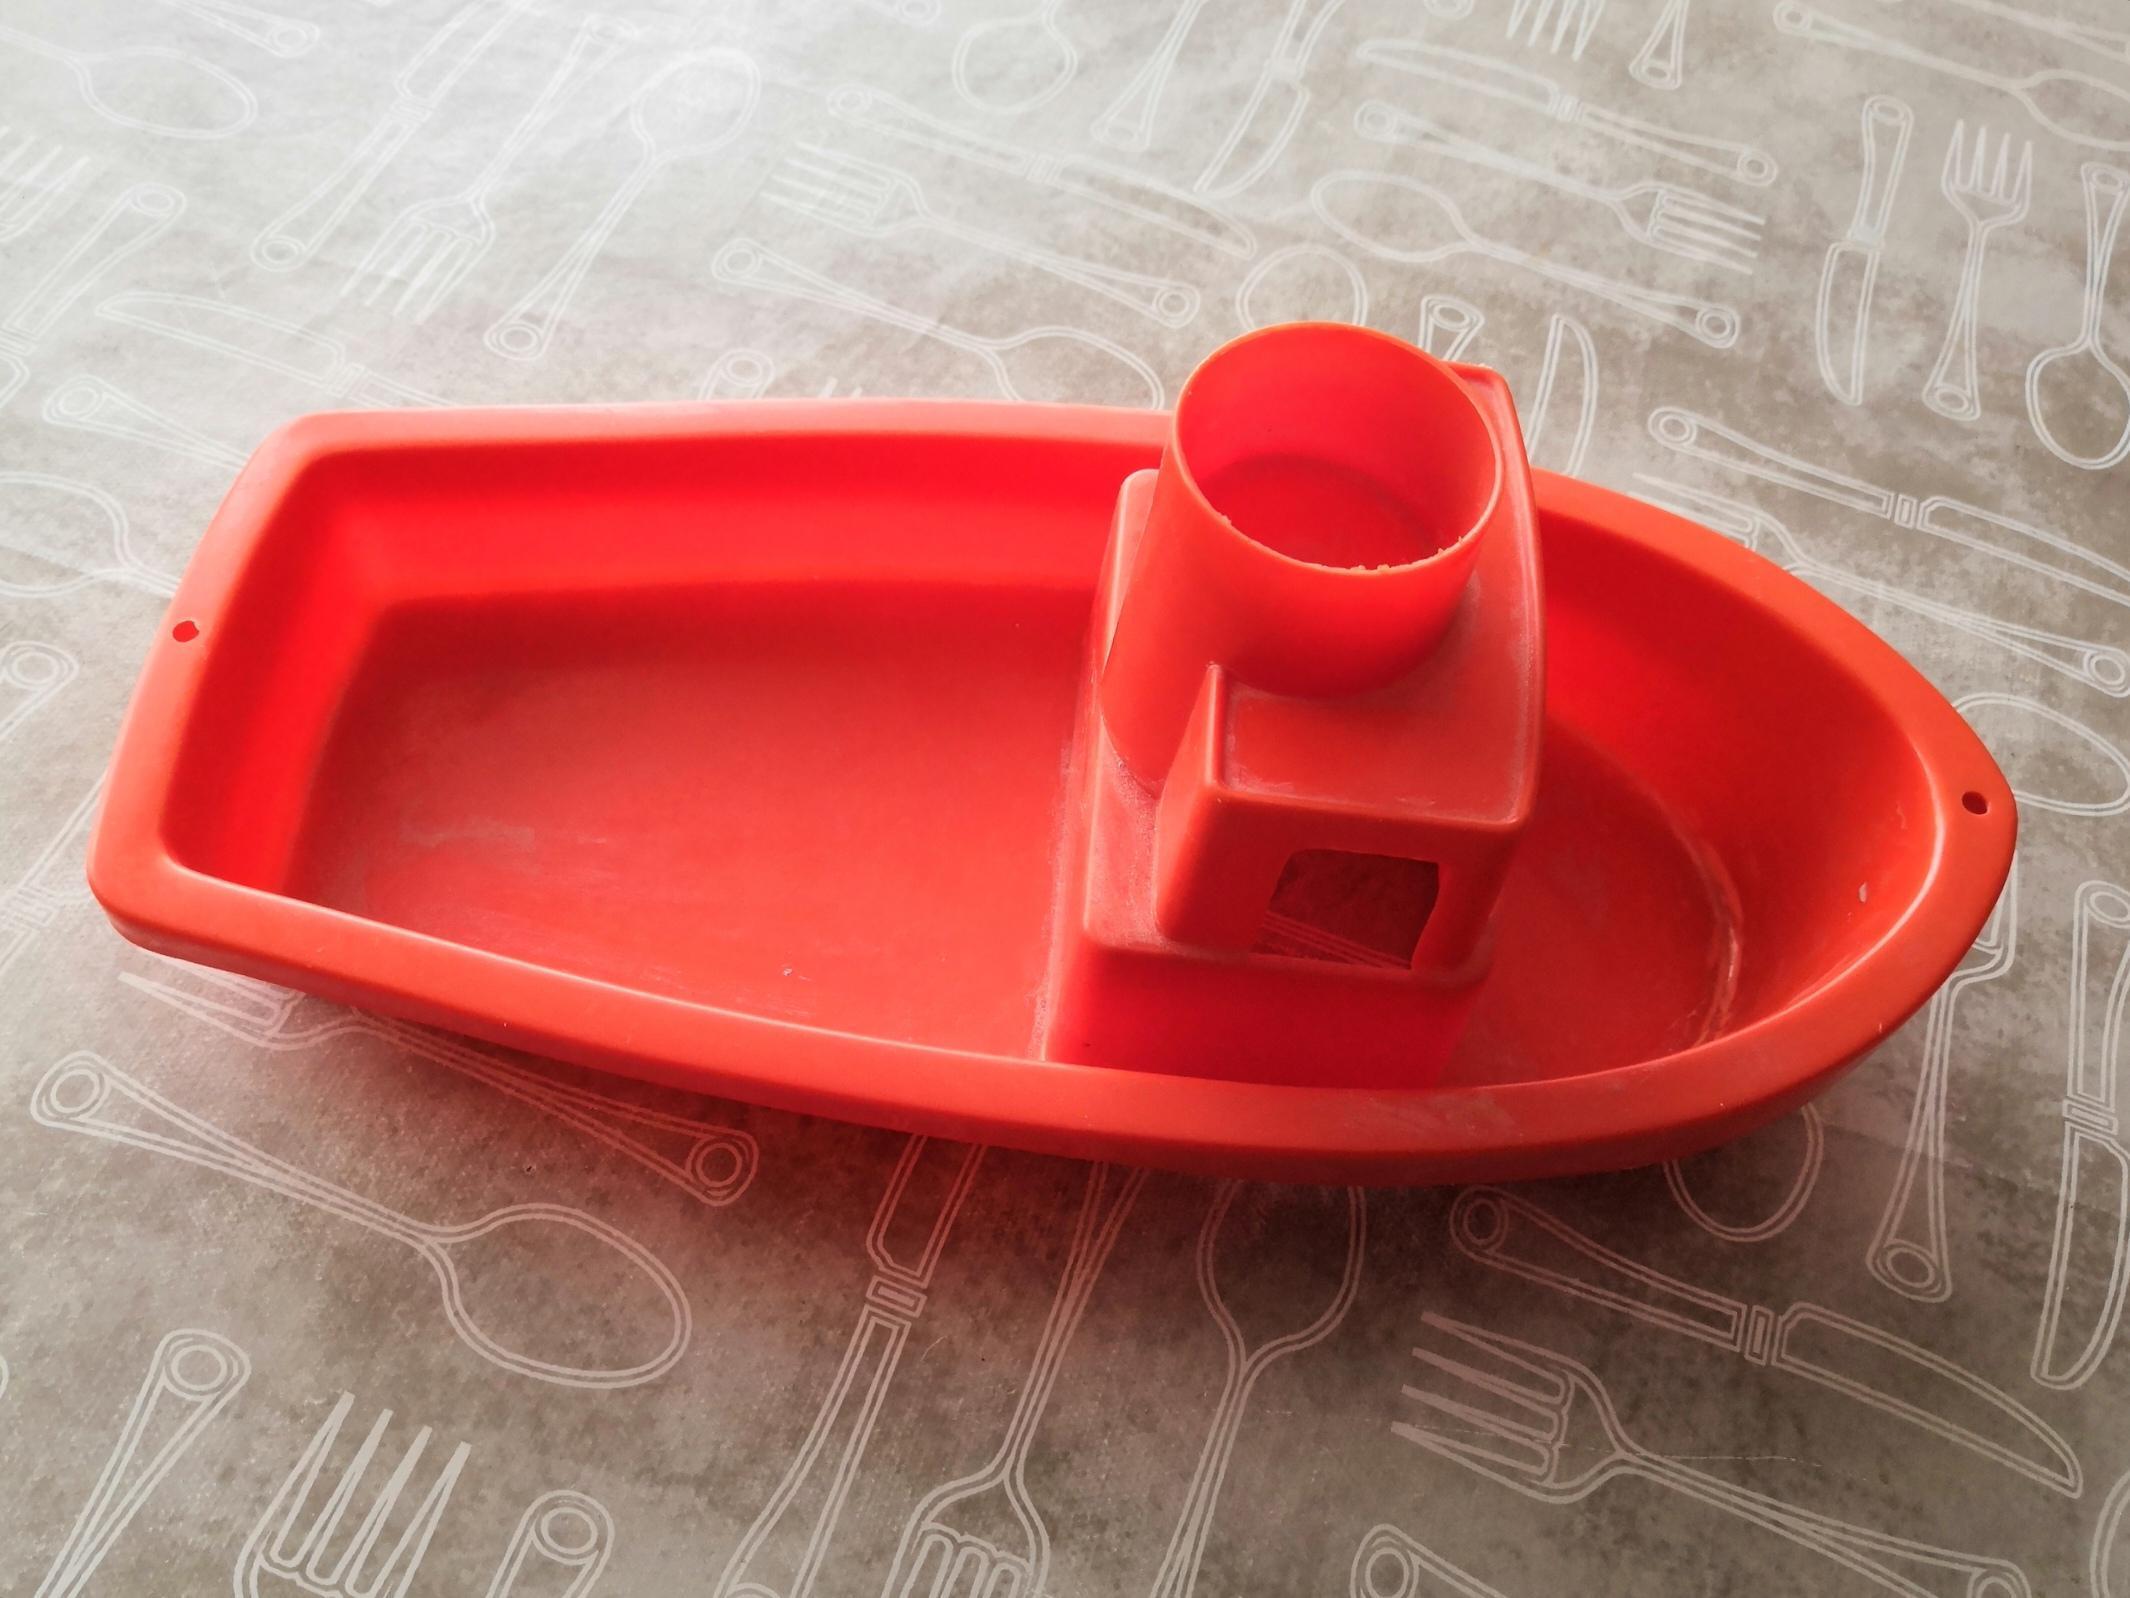 troc de troc bateau pour le bain image 0